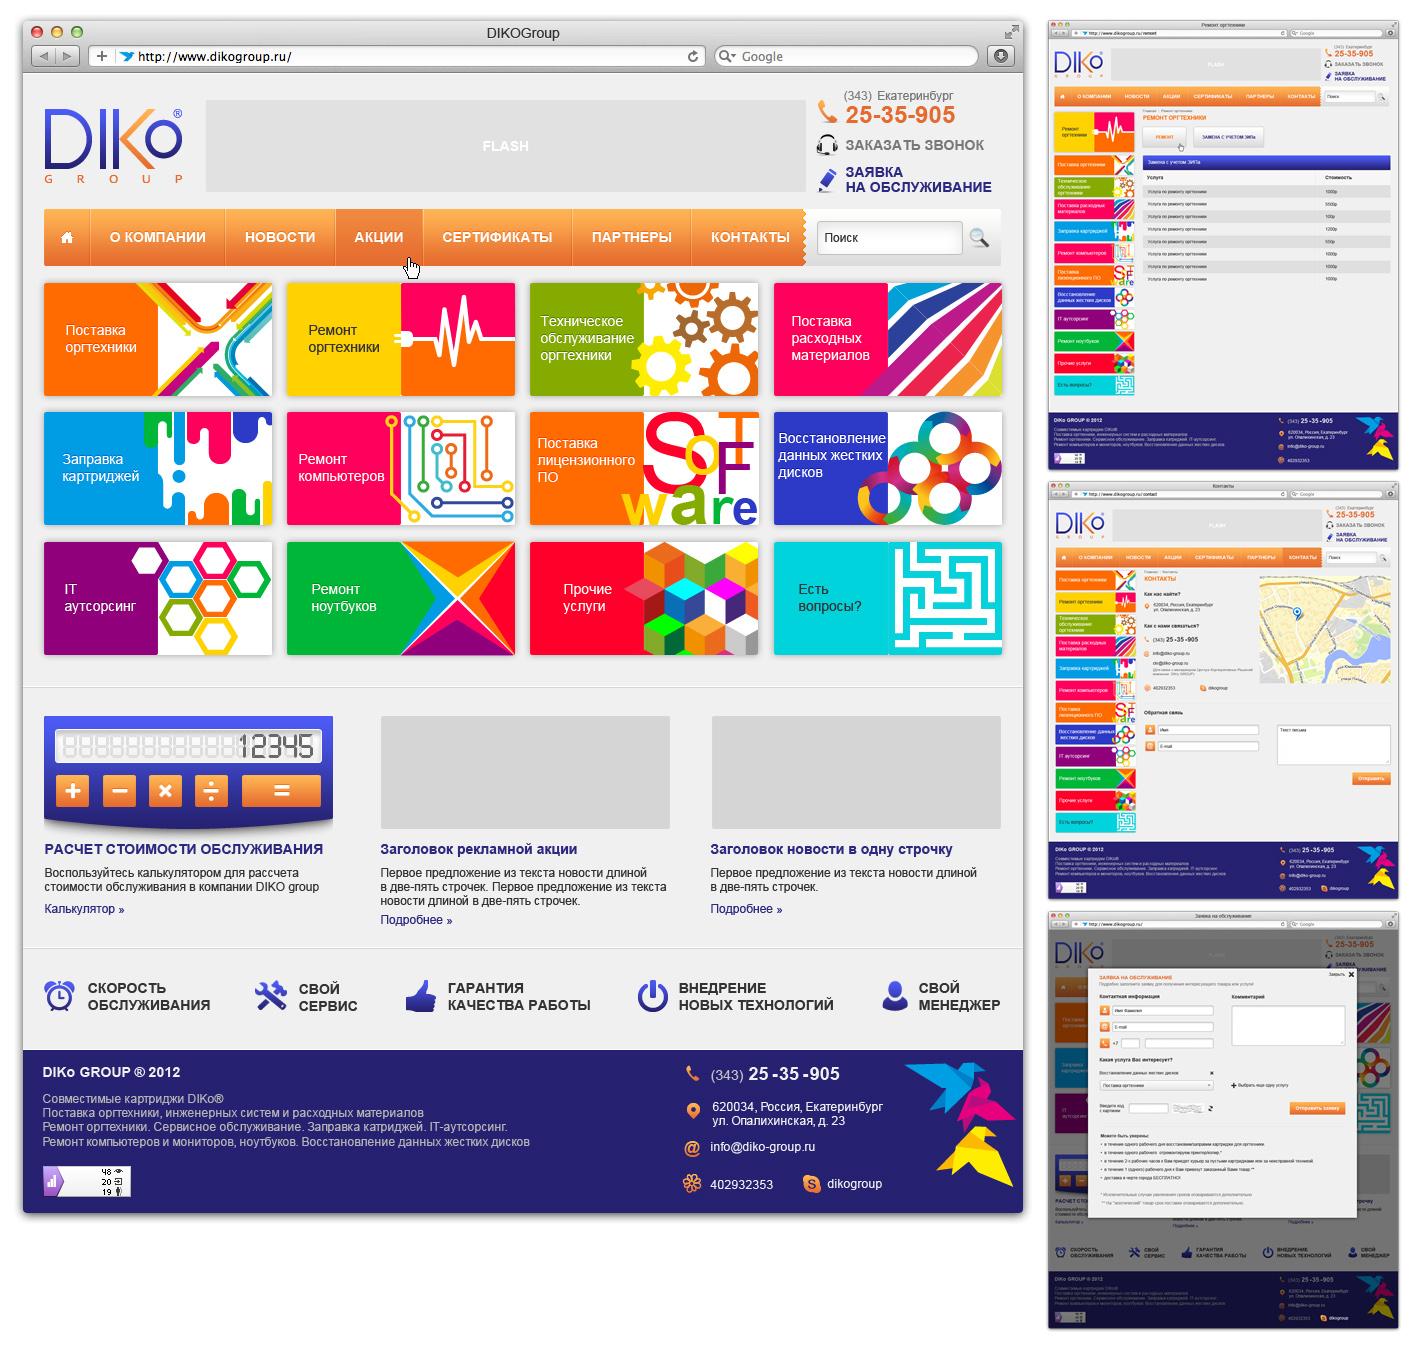 DikoGroup - поставка оргтехники и расходных материалов